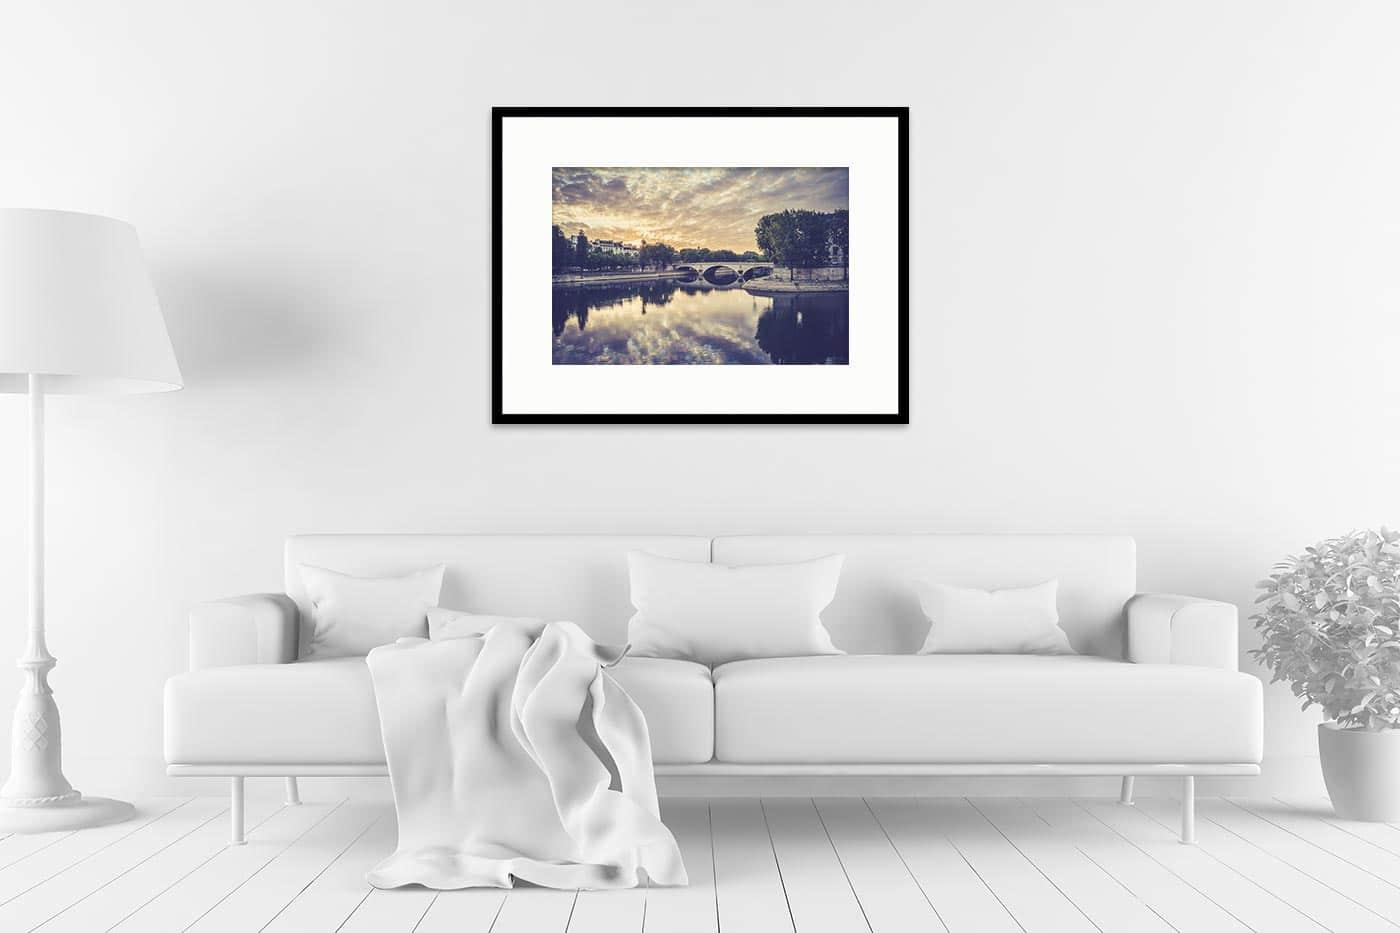 Cadre galerie 60x80 Paris 6H52